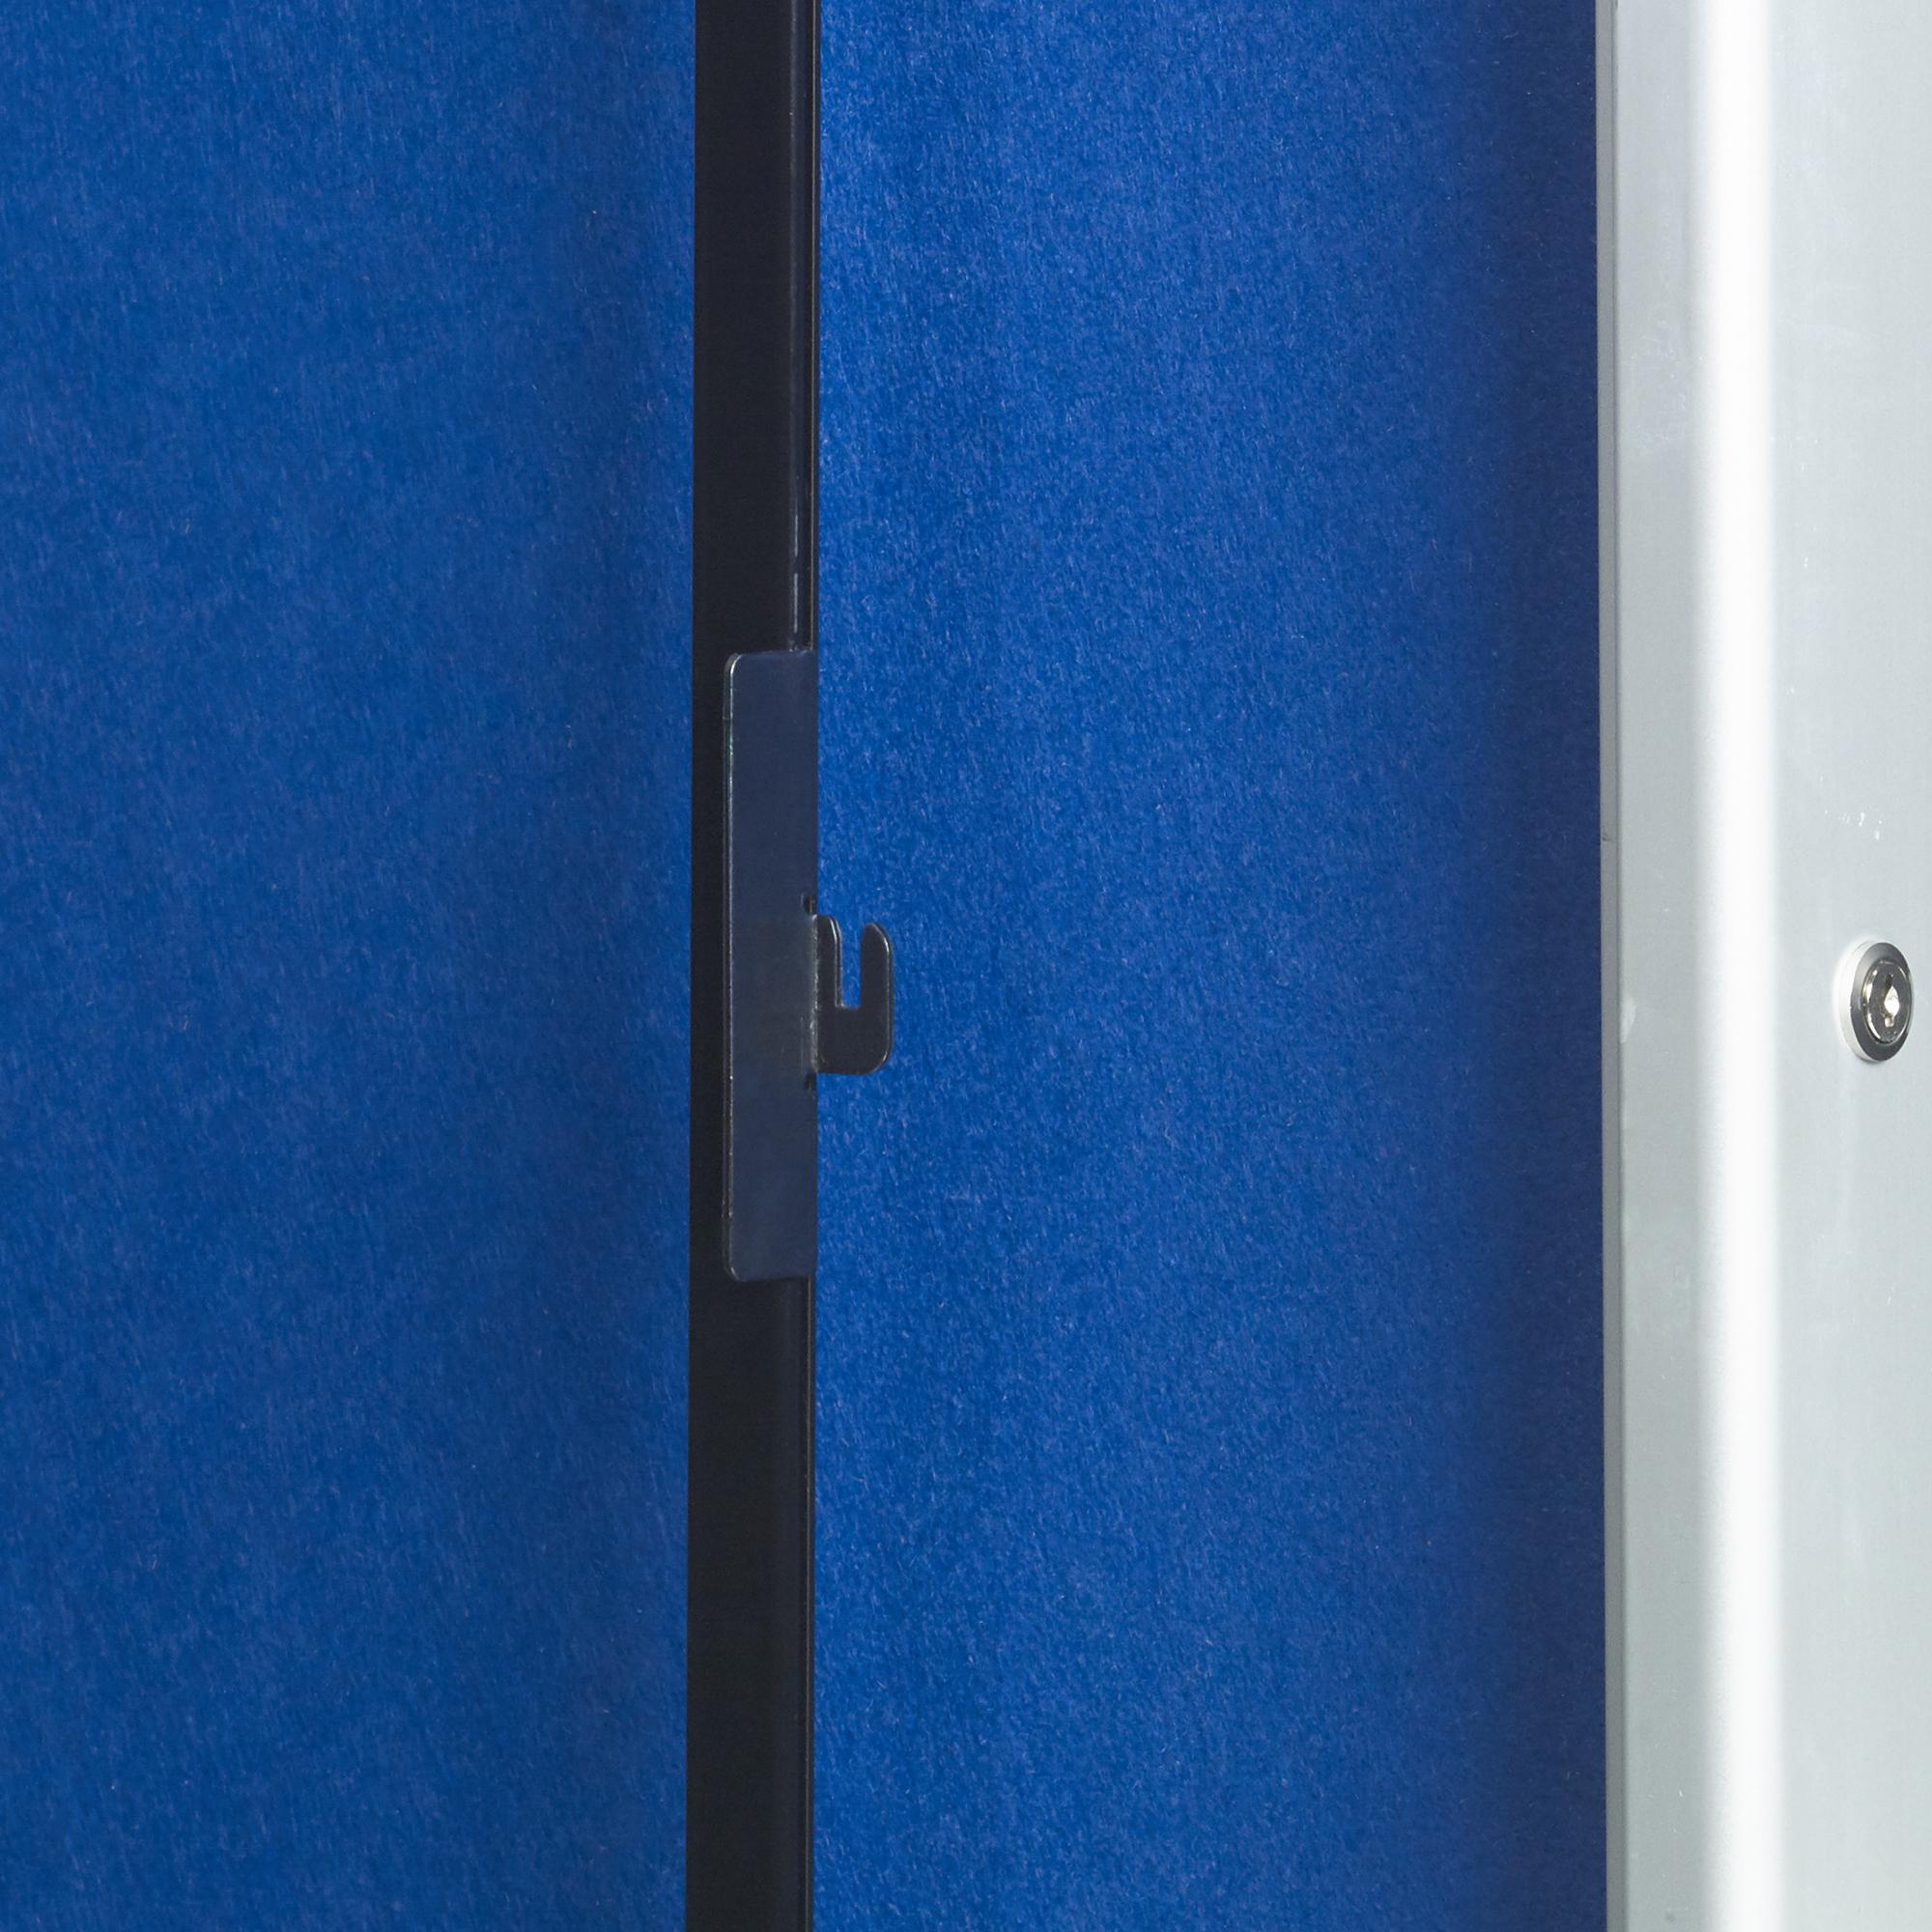 5 Star Glazed Noticeboard with sliding Door Locking Alumin Frame Blue Felt 900x1200mm